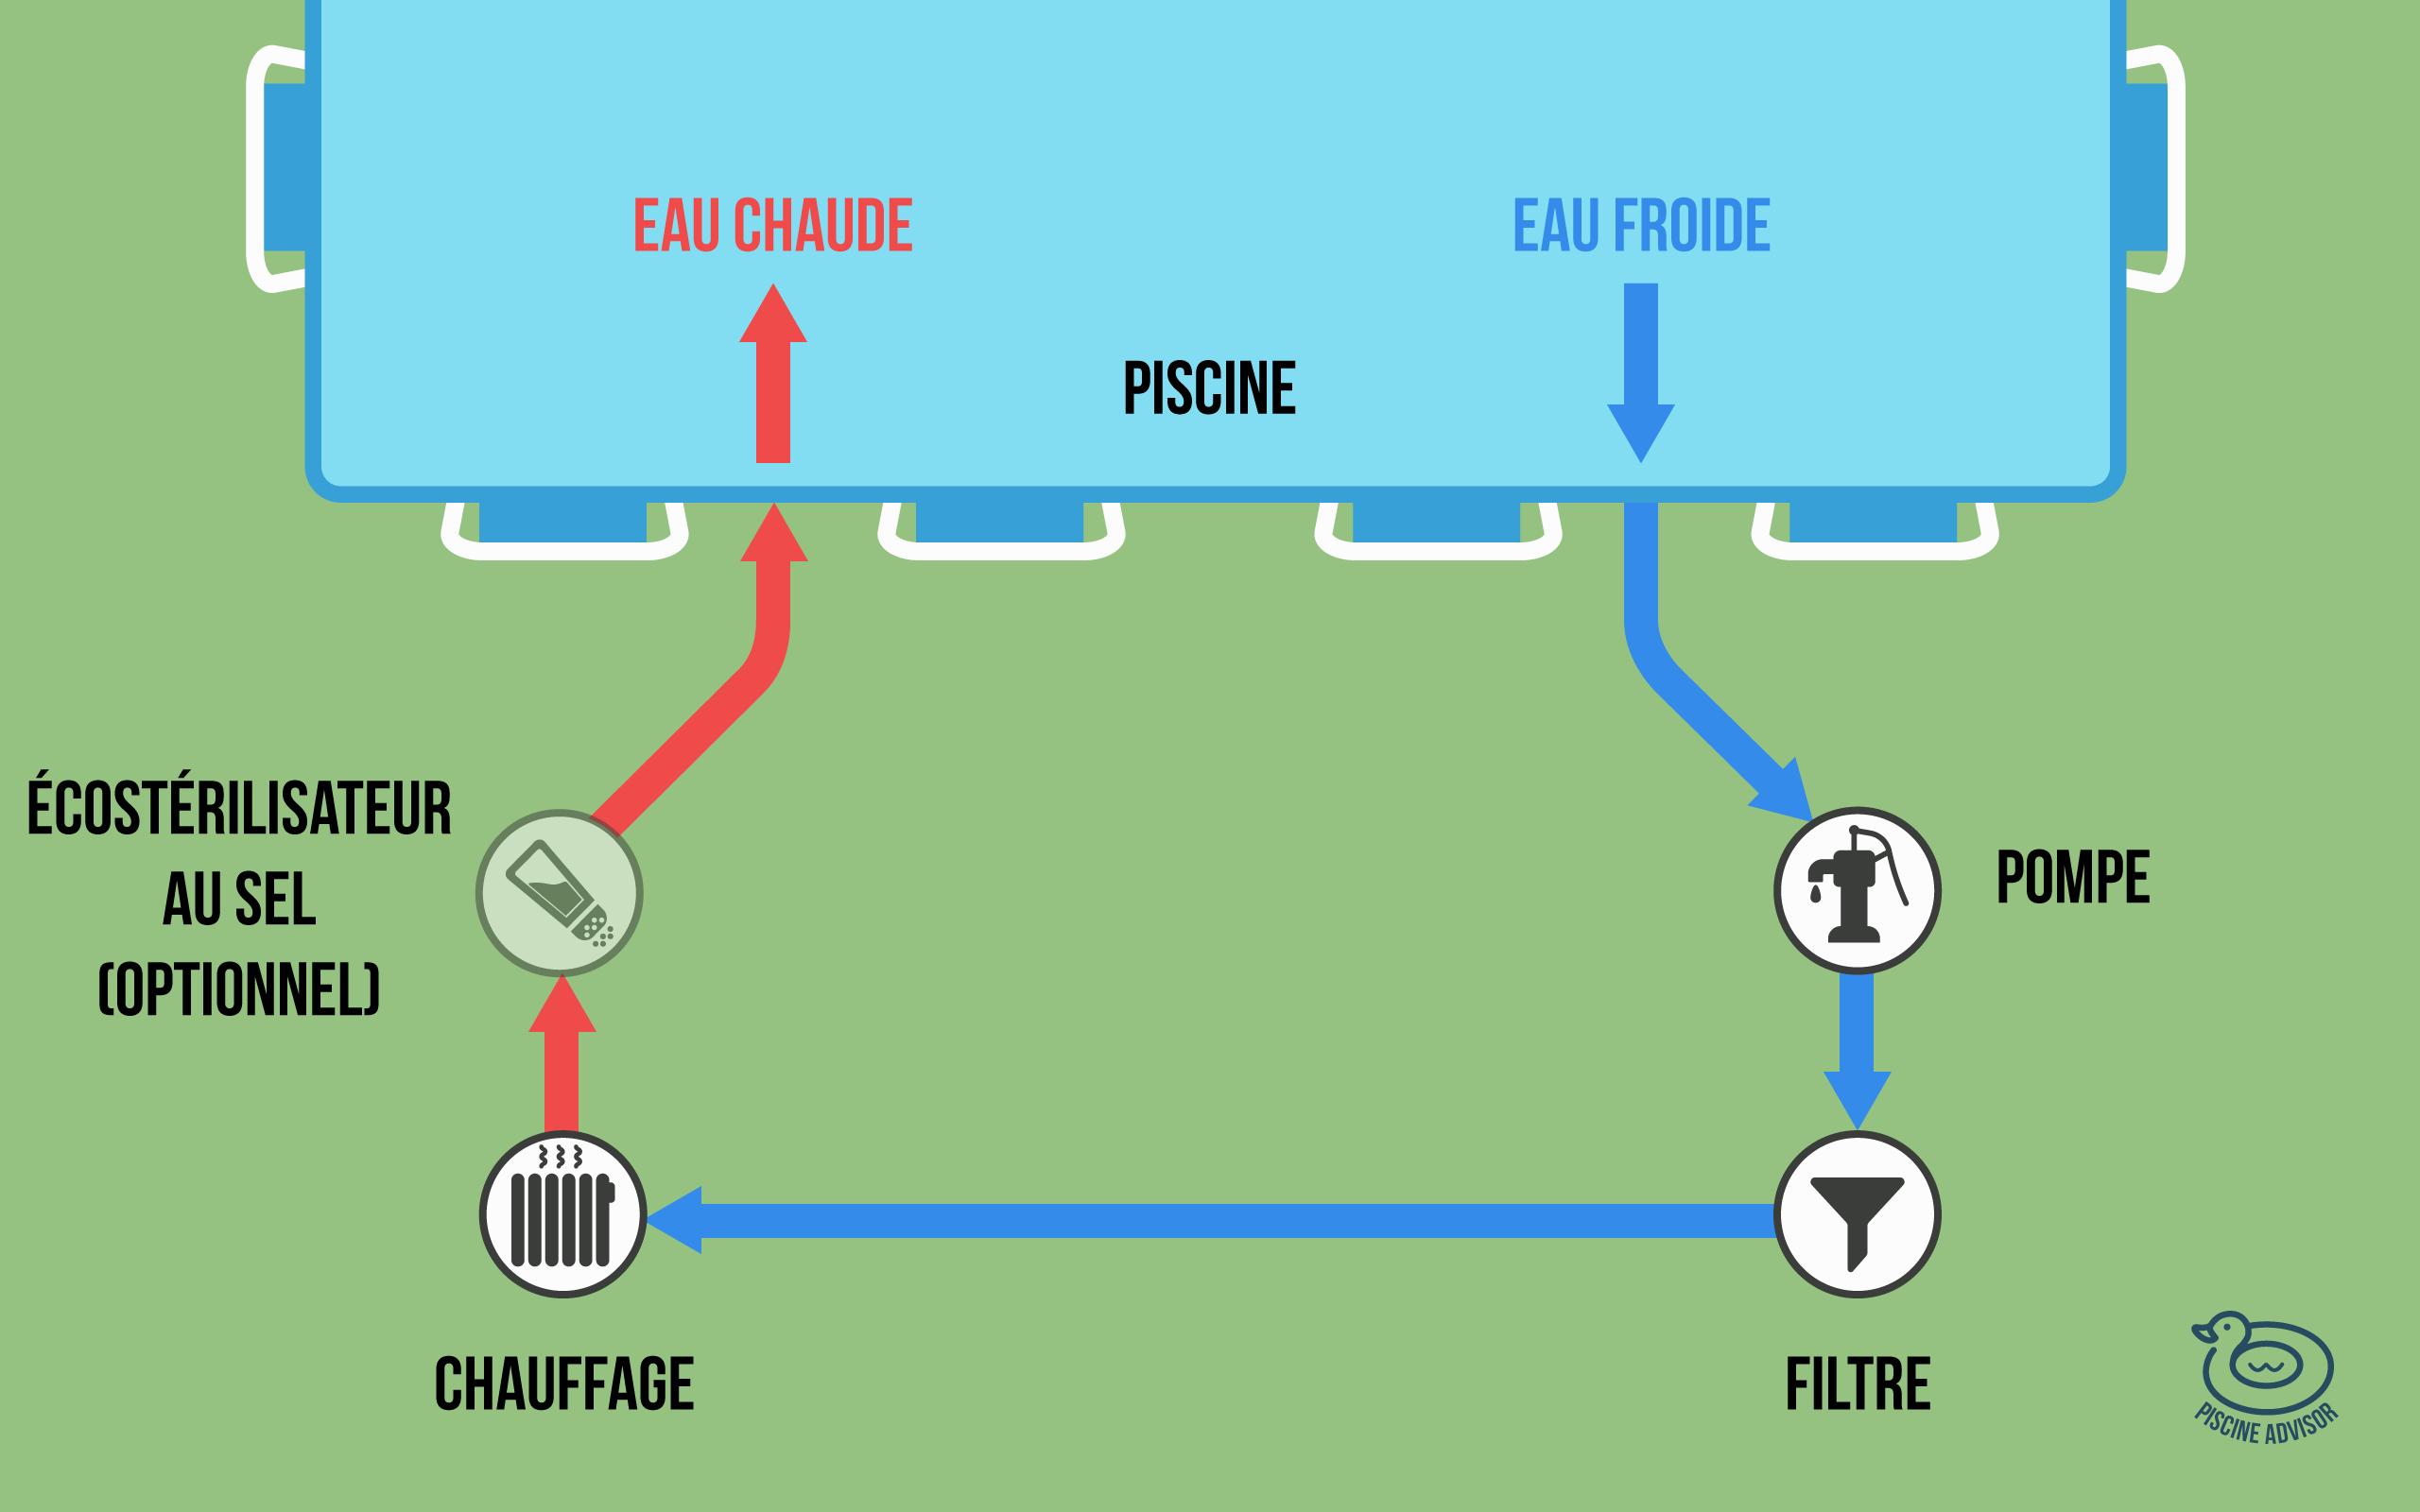 Chauffage Piscine Hors Sol : Toutes Les Solutions ... concernant Chauffage Piscine Pas Cher